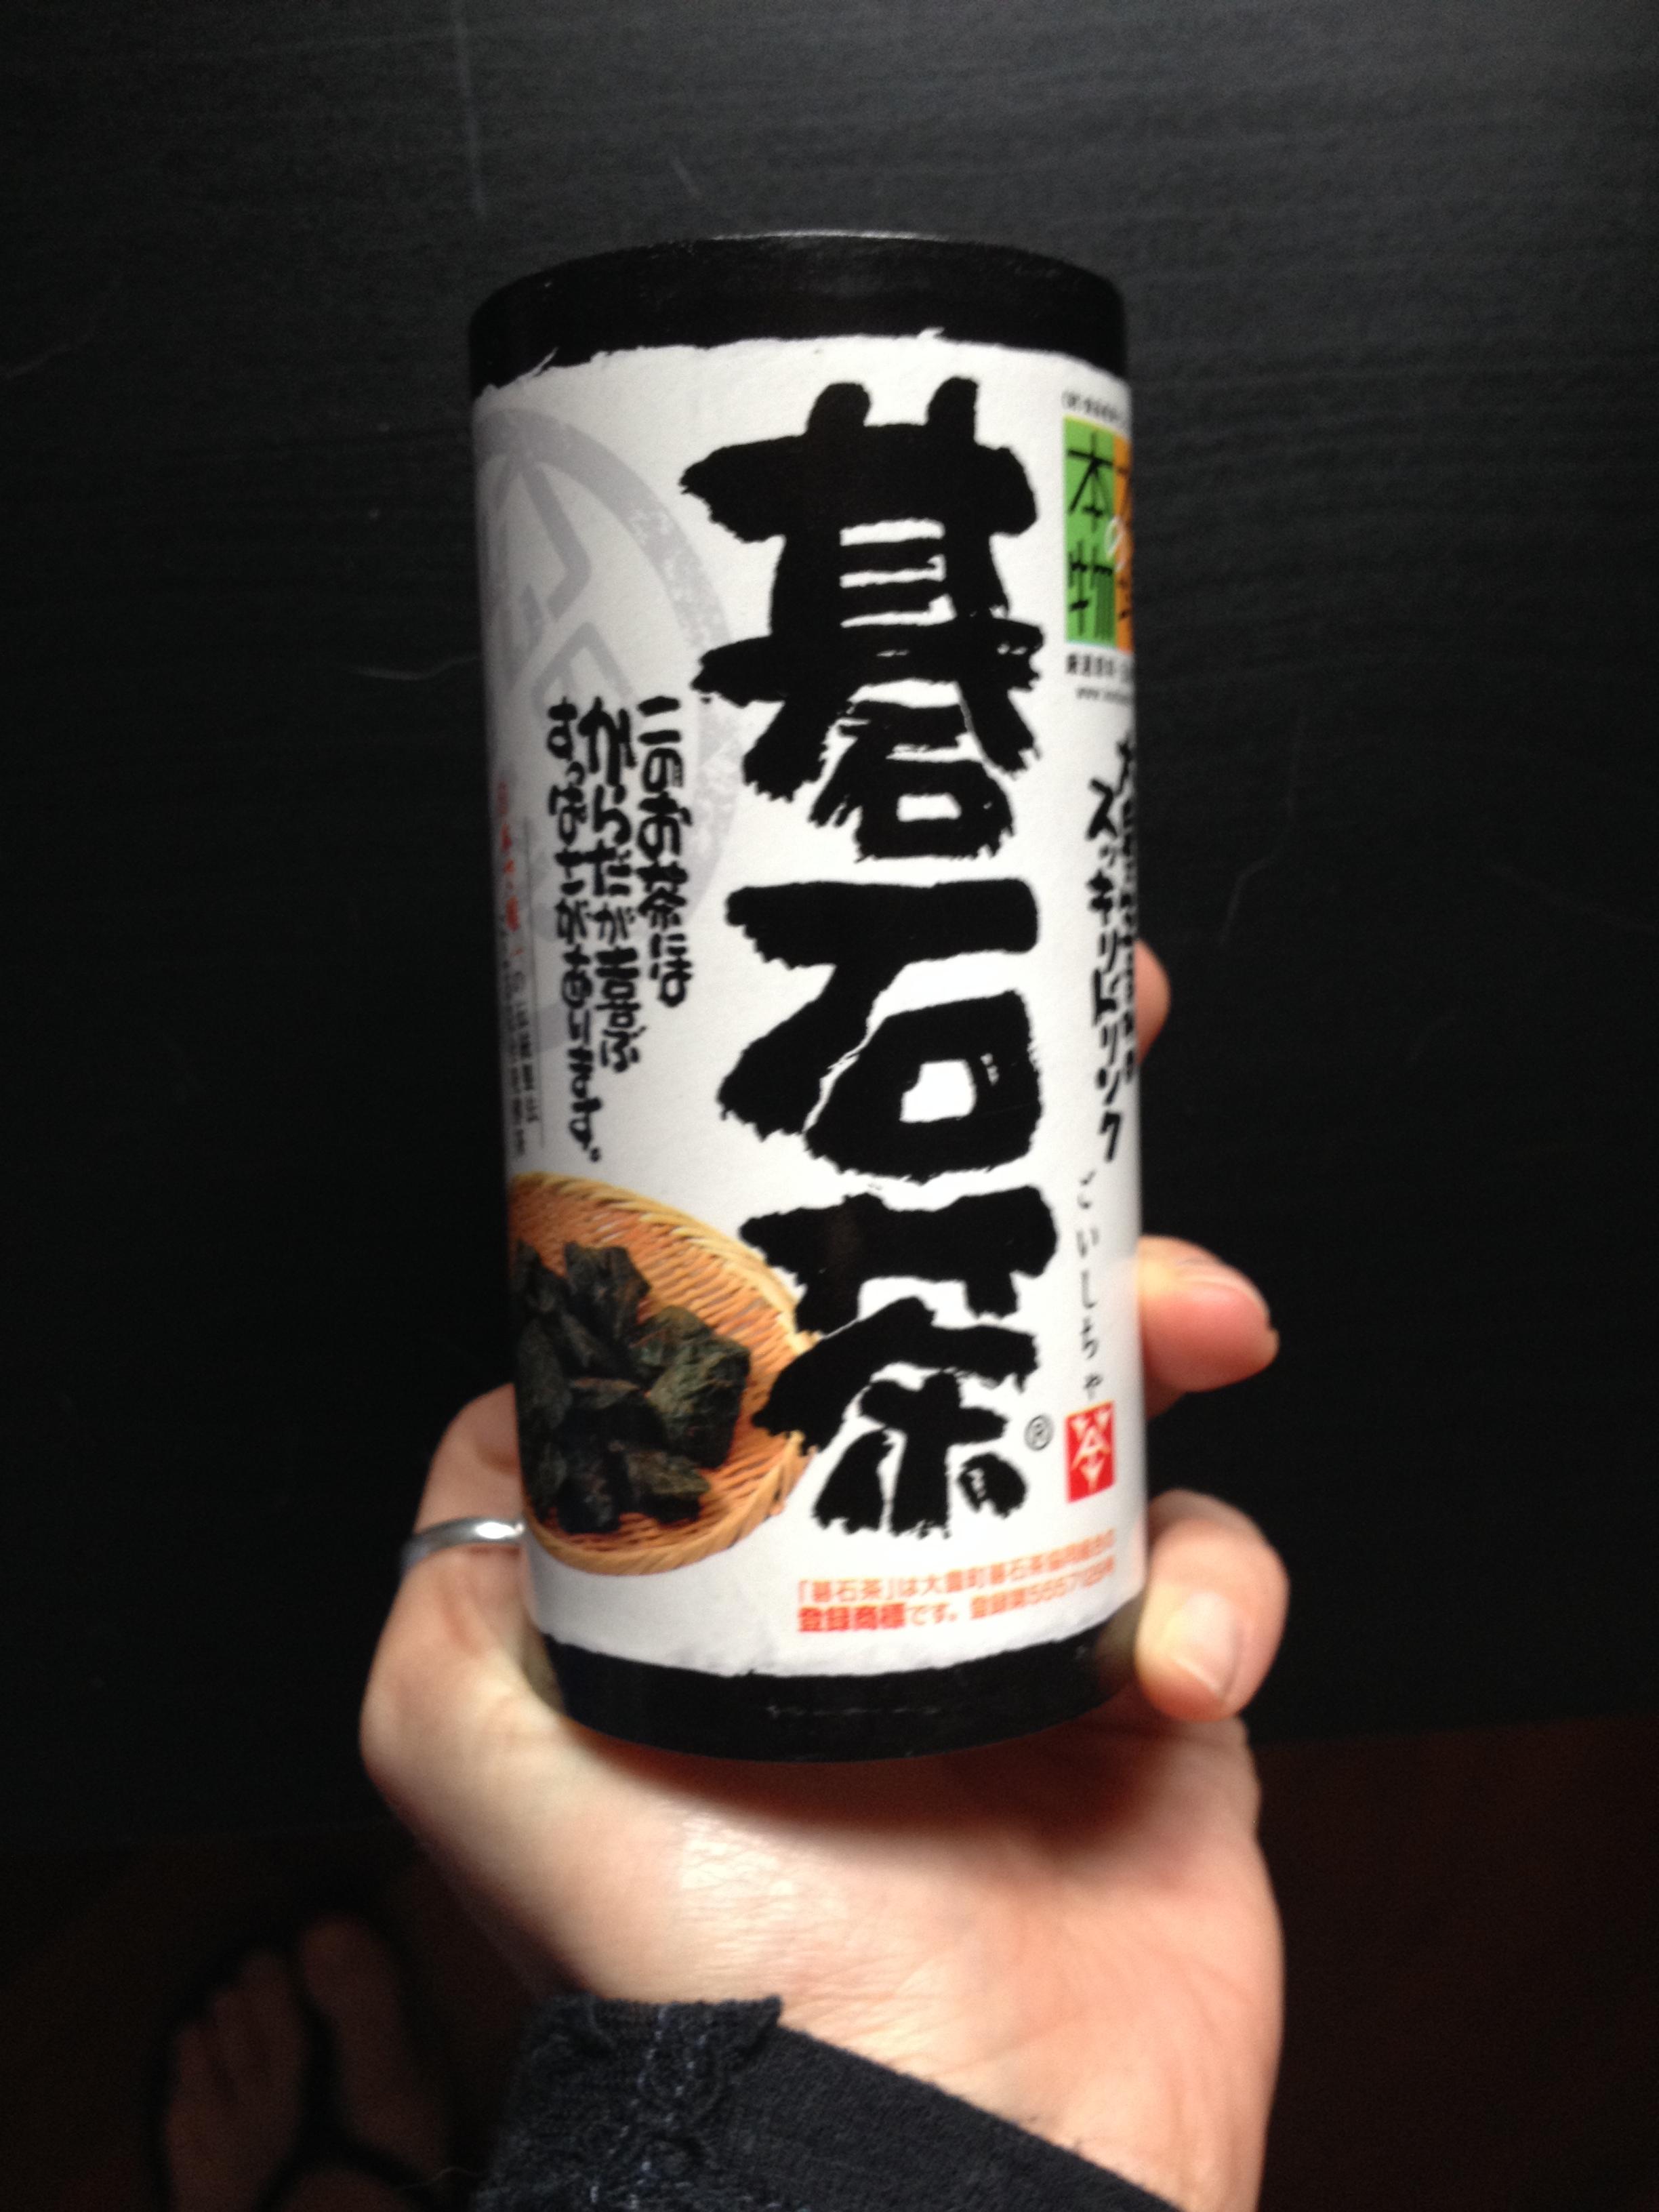 Go-ishi-cha è un particolare tè giapponese fermentato